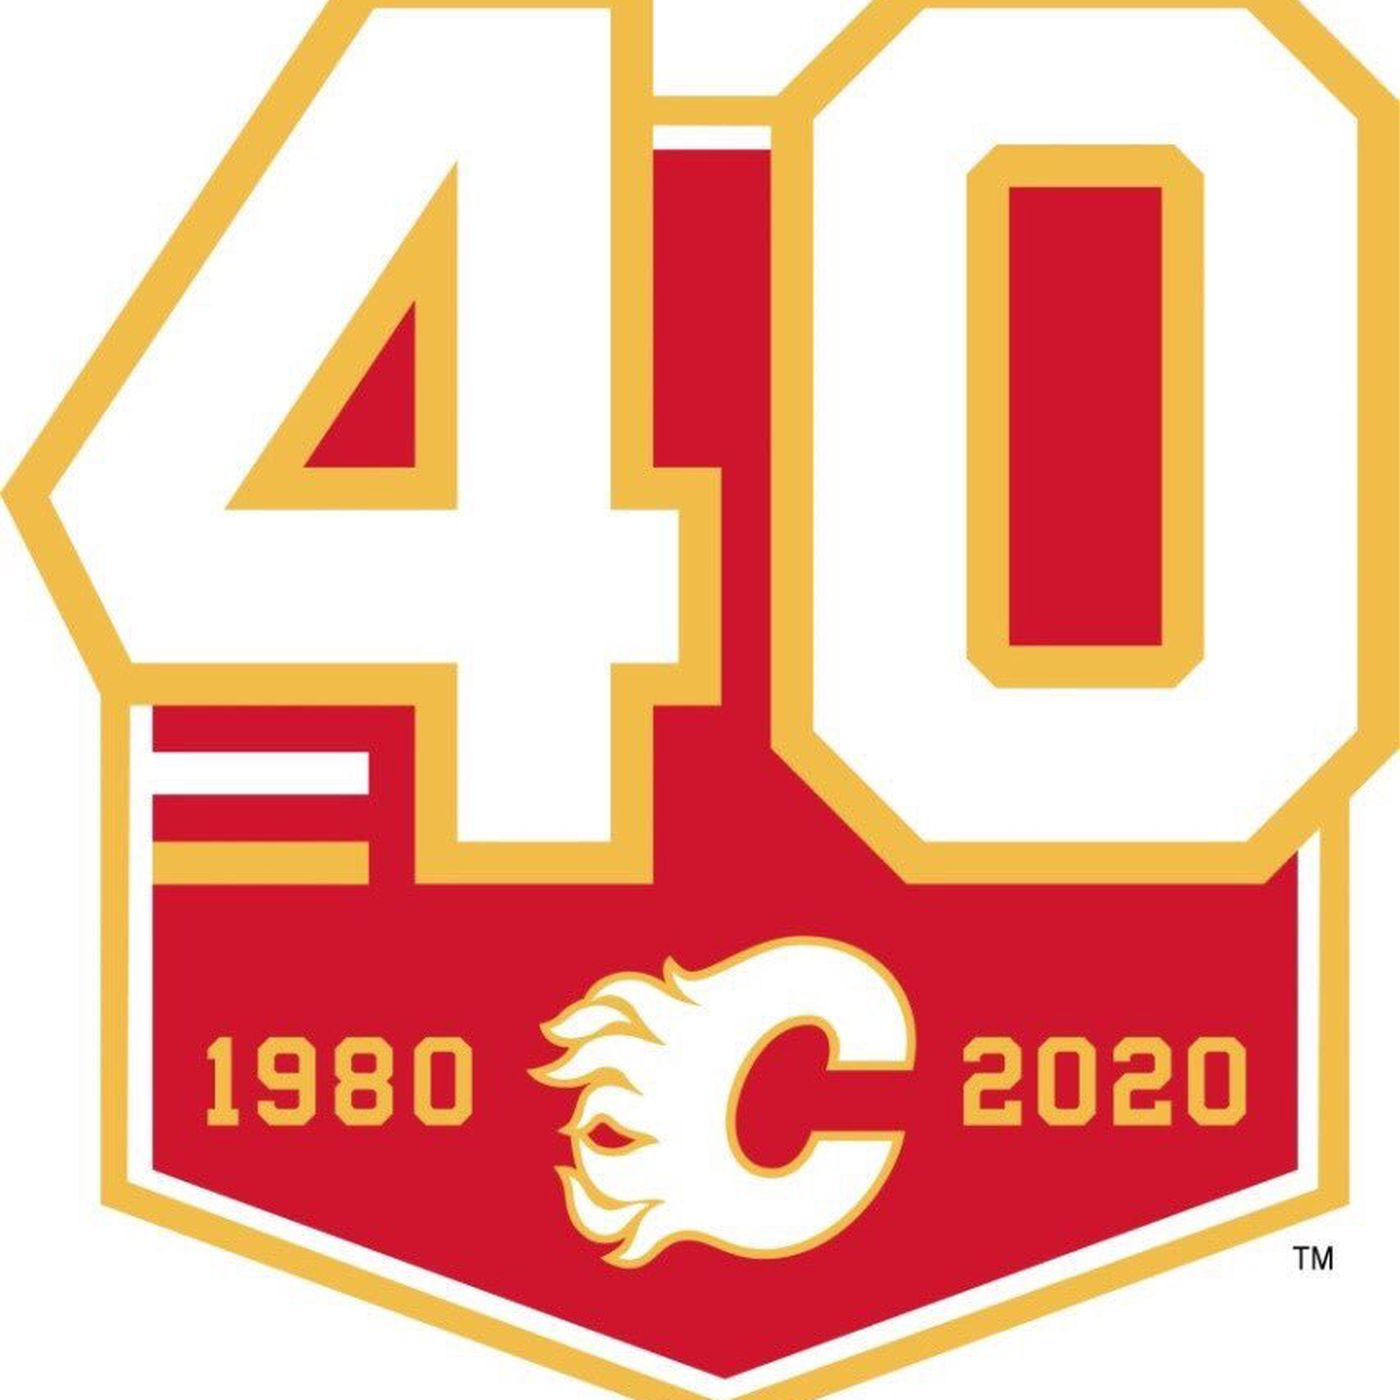 Calgary Flames Reveal Anniversary Logo Matchsticks And Gasoline